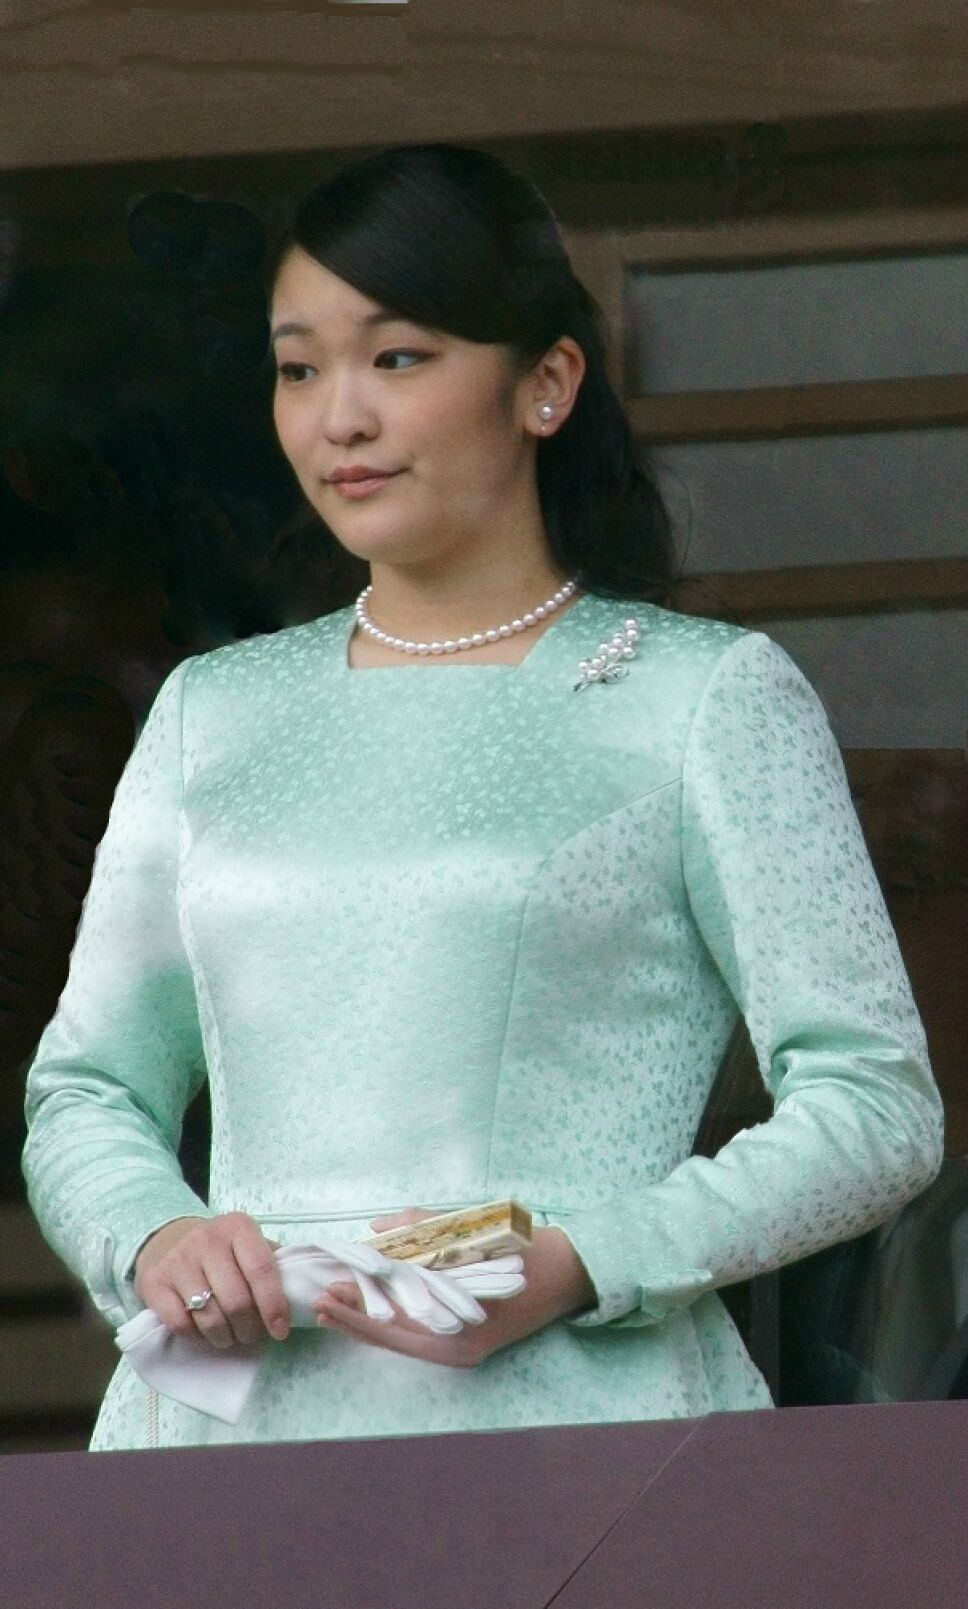 princesa-mako-renuncio-al-trono-por-amor.jpg